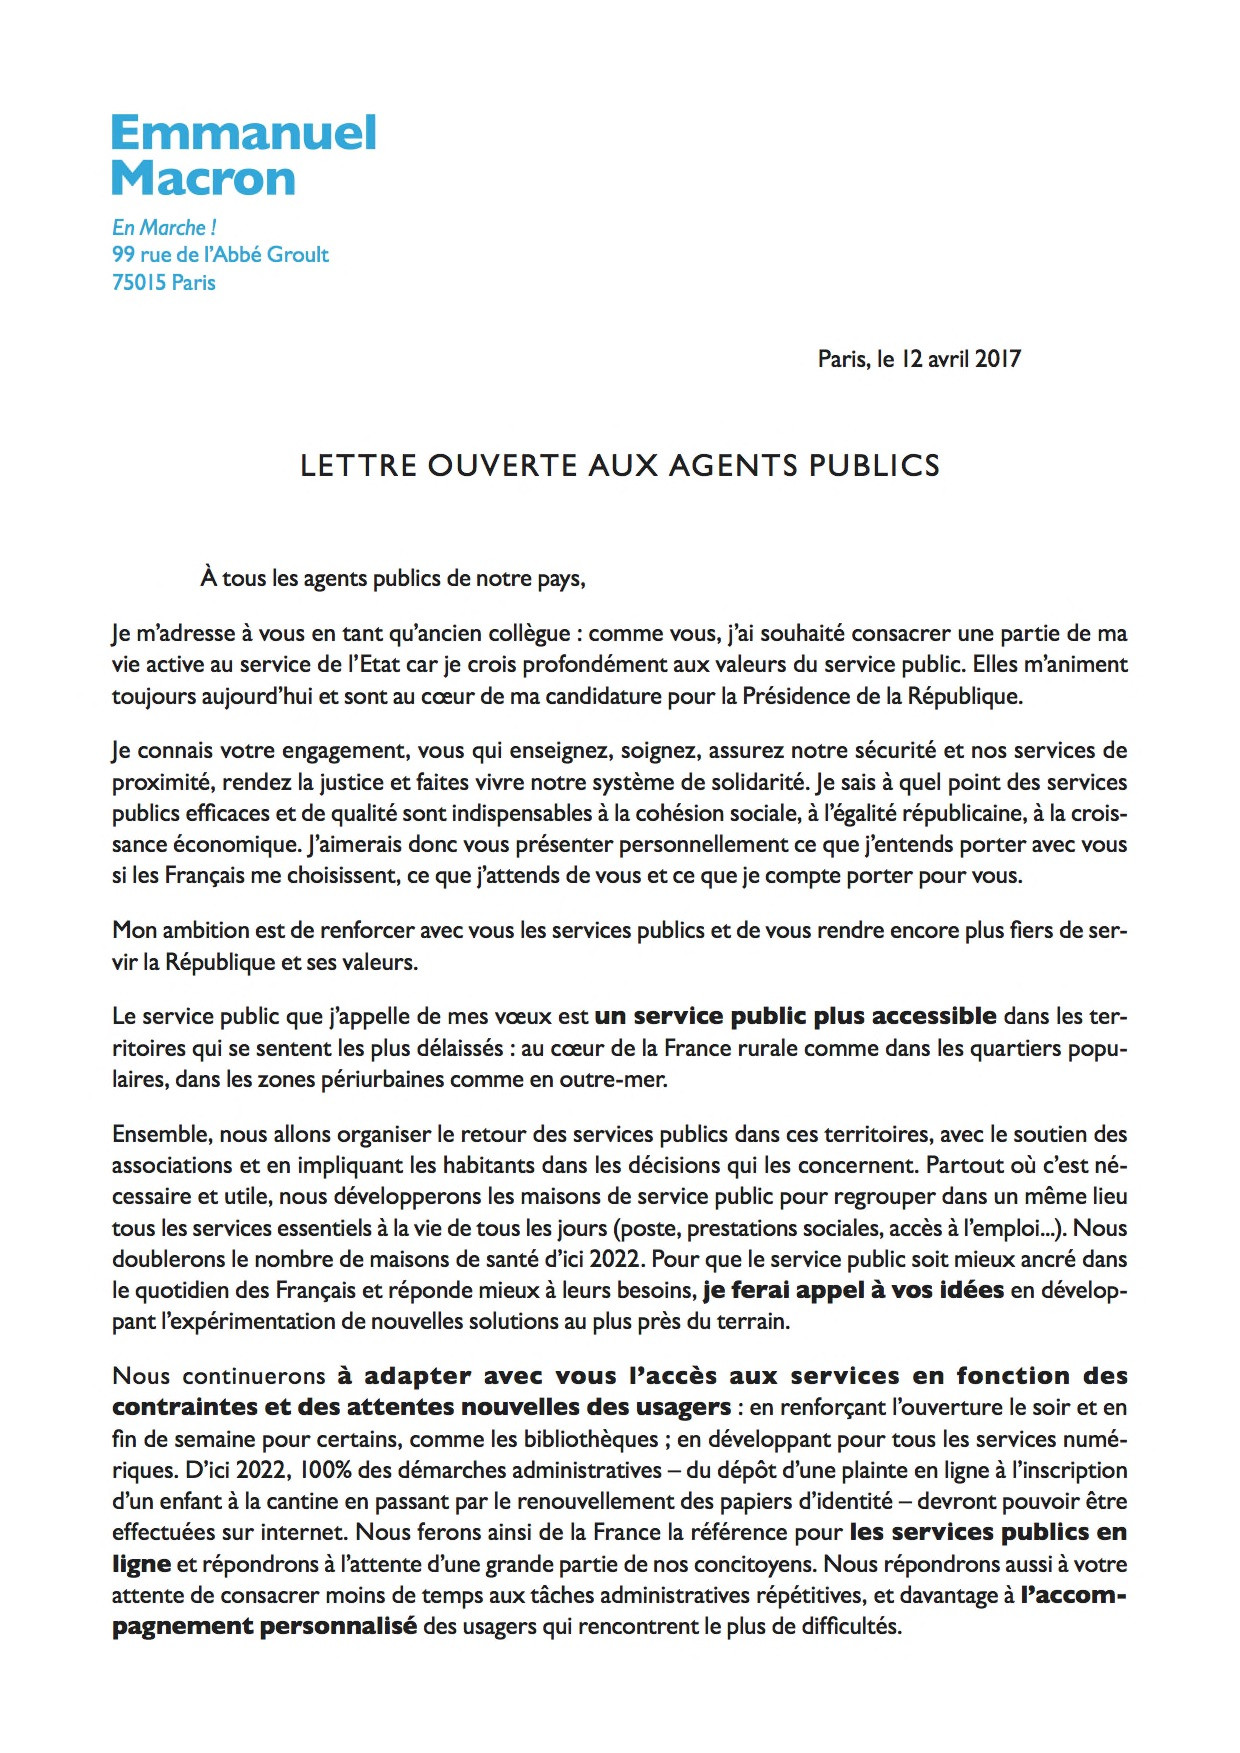 lettre-ouverte-agents-publics